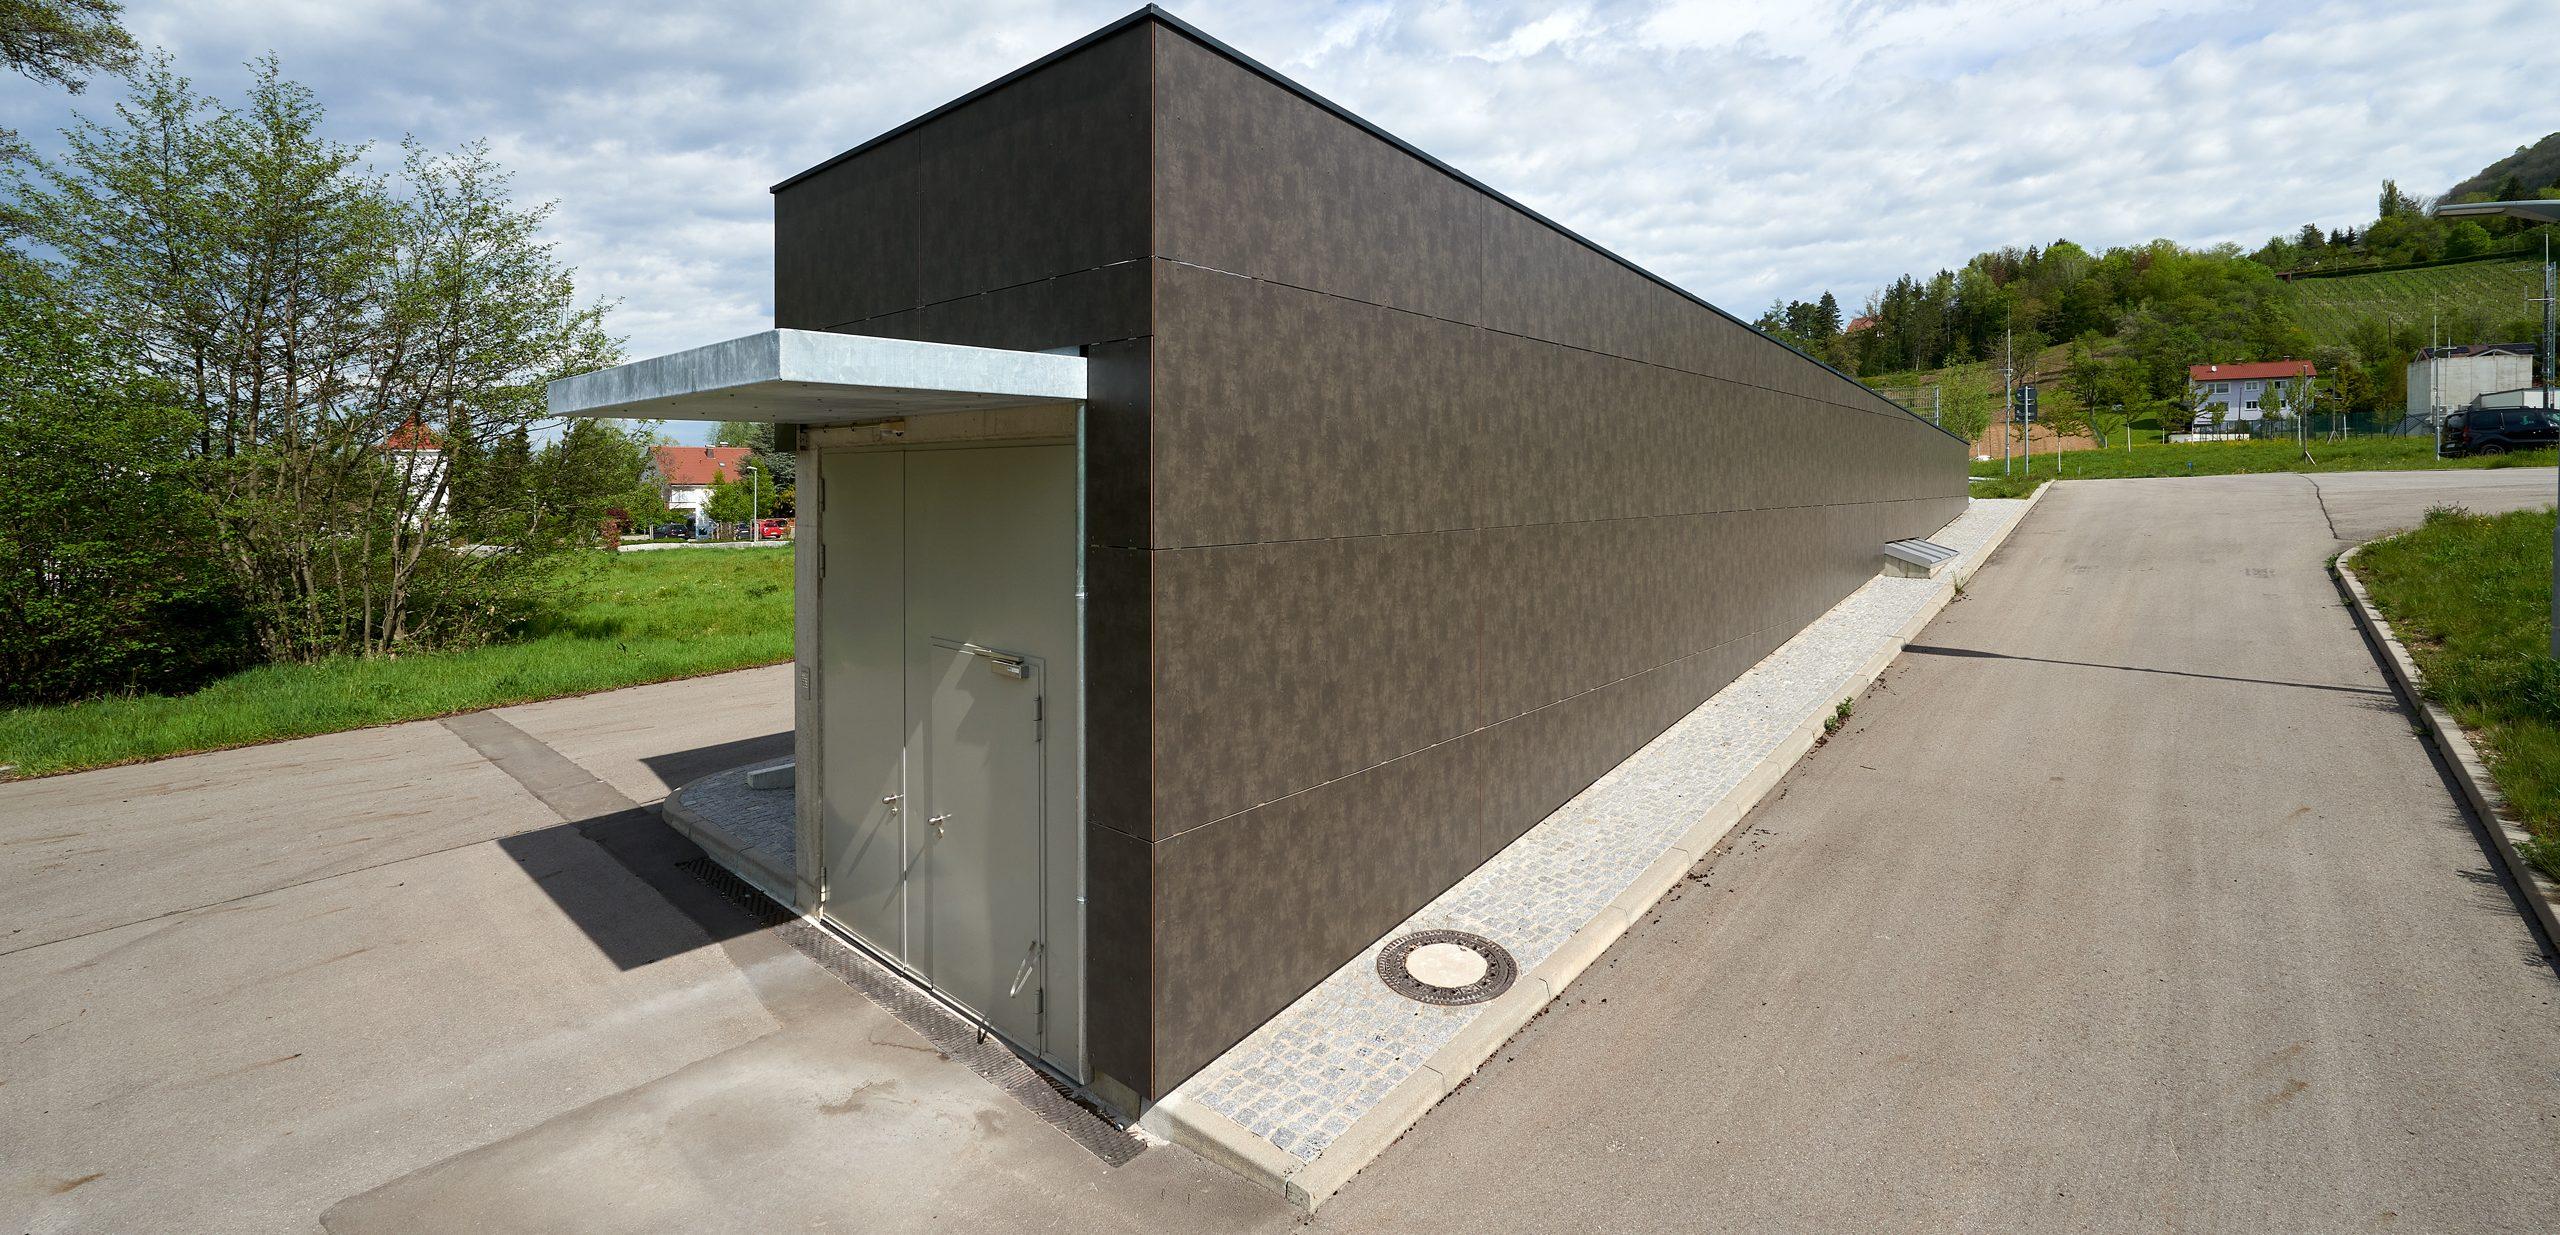 Gestaltung der Fassade eines Rettungstunnels